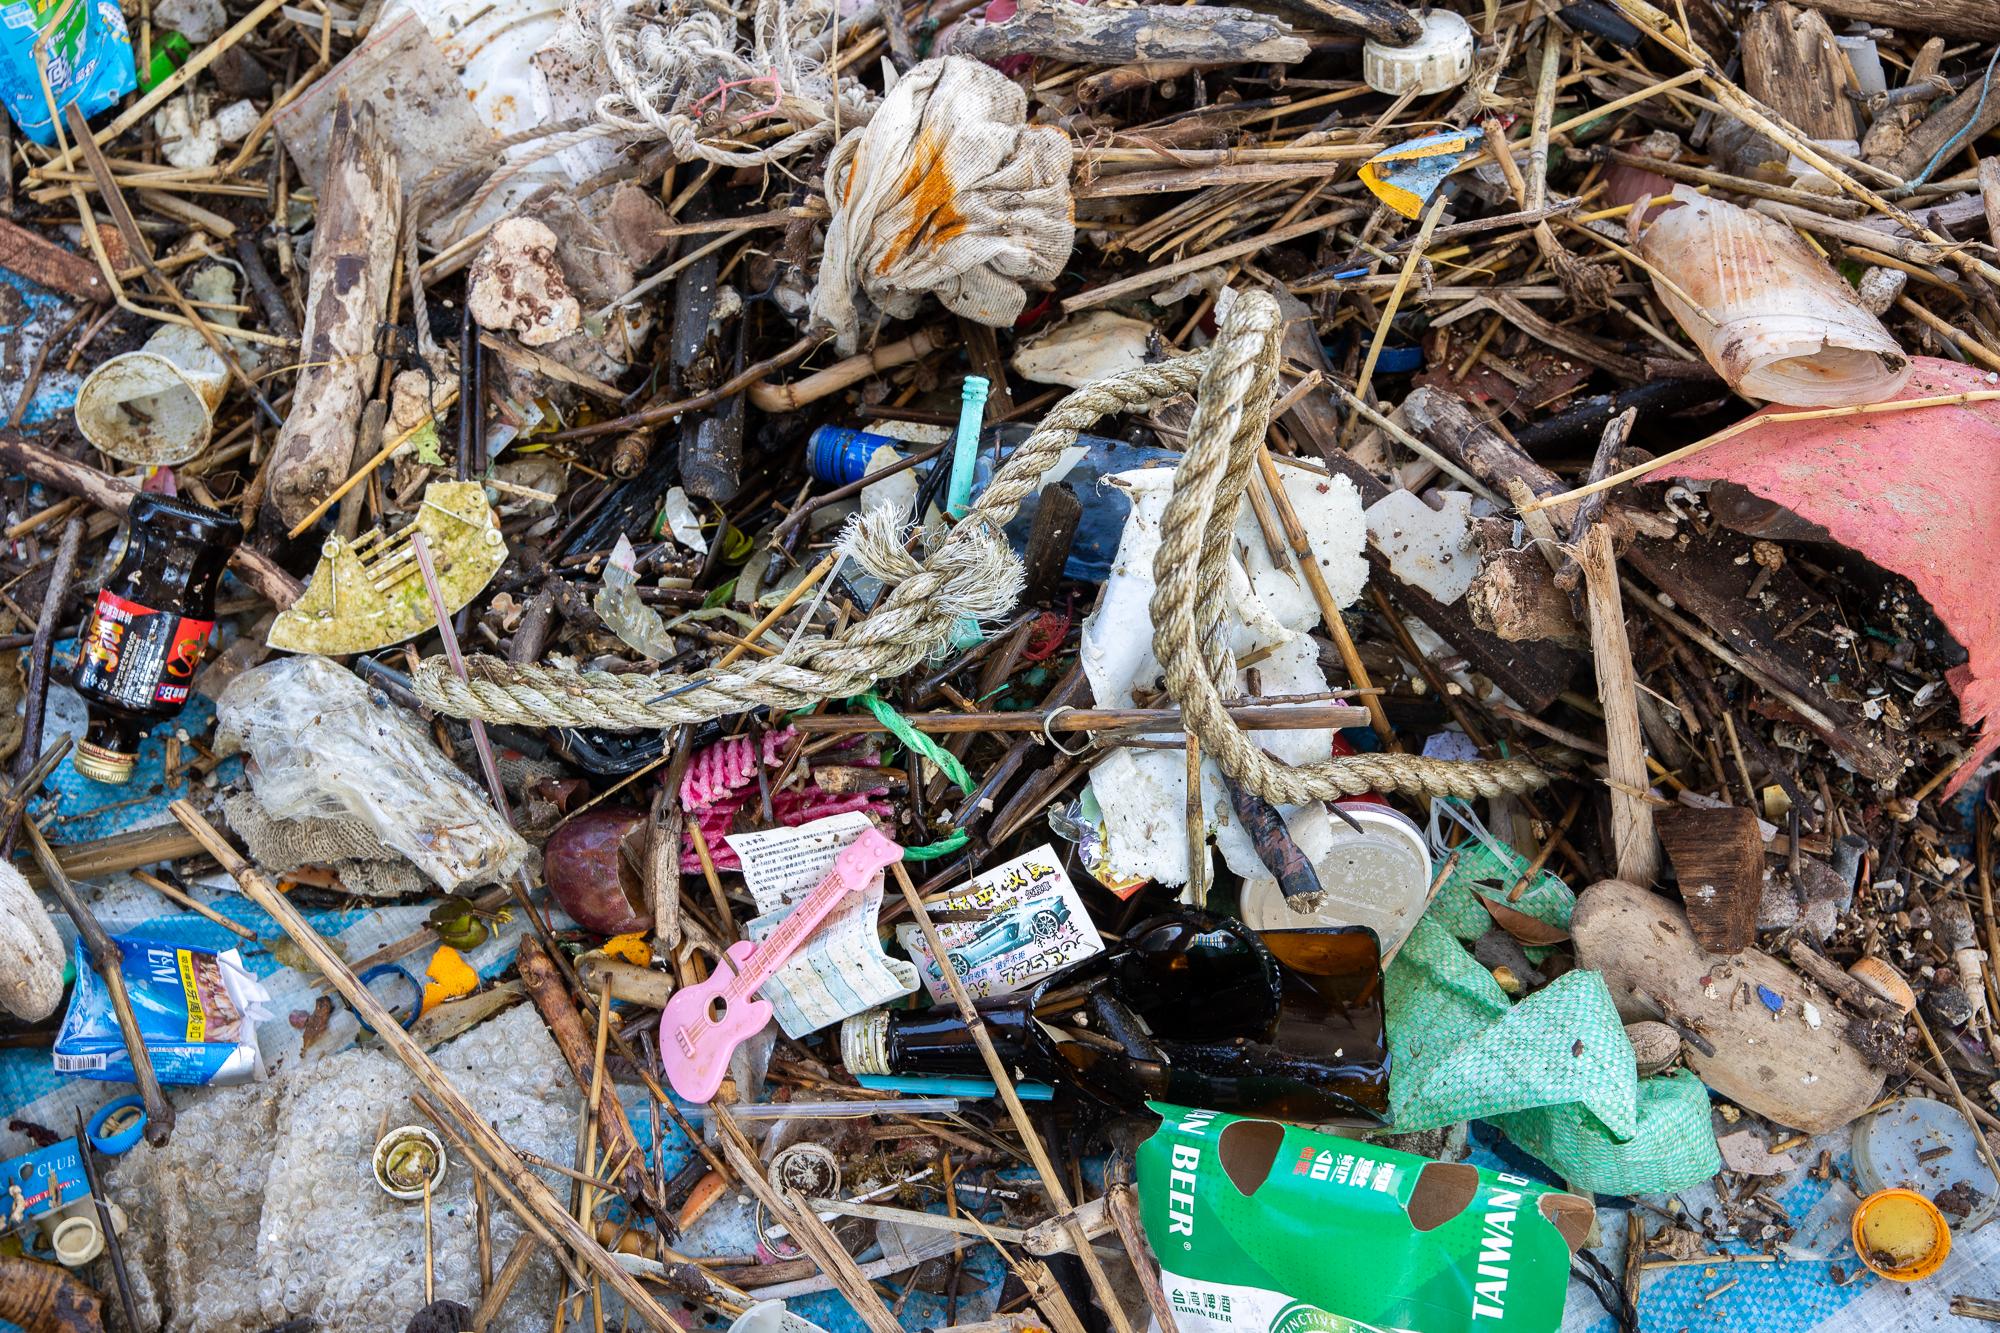 清出422公斤的海底廢棄物當中,有廢棄漁具(如漁網、浮球、籠具、釣具等)和寶特瓶等其他塑膠製品。